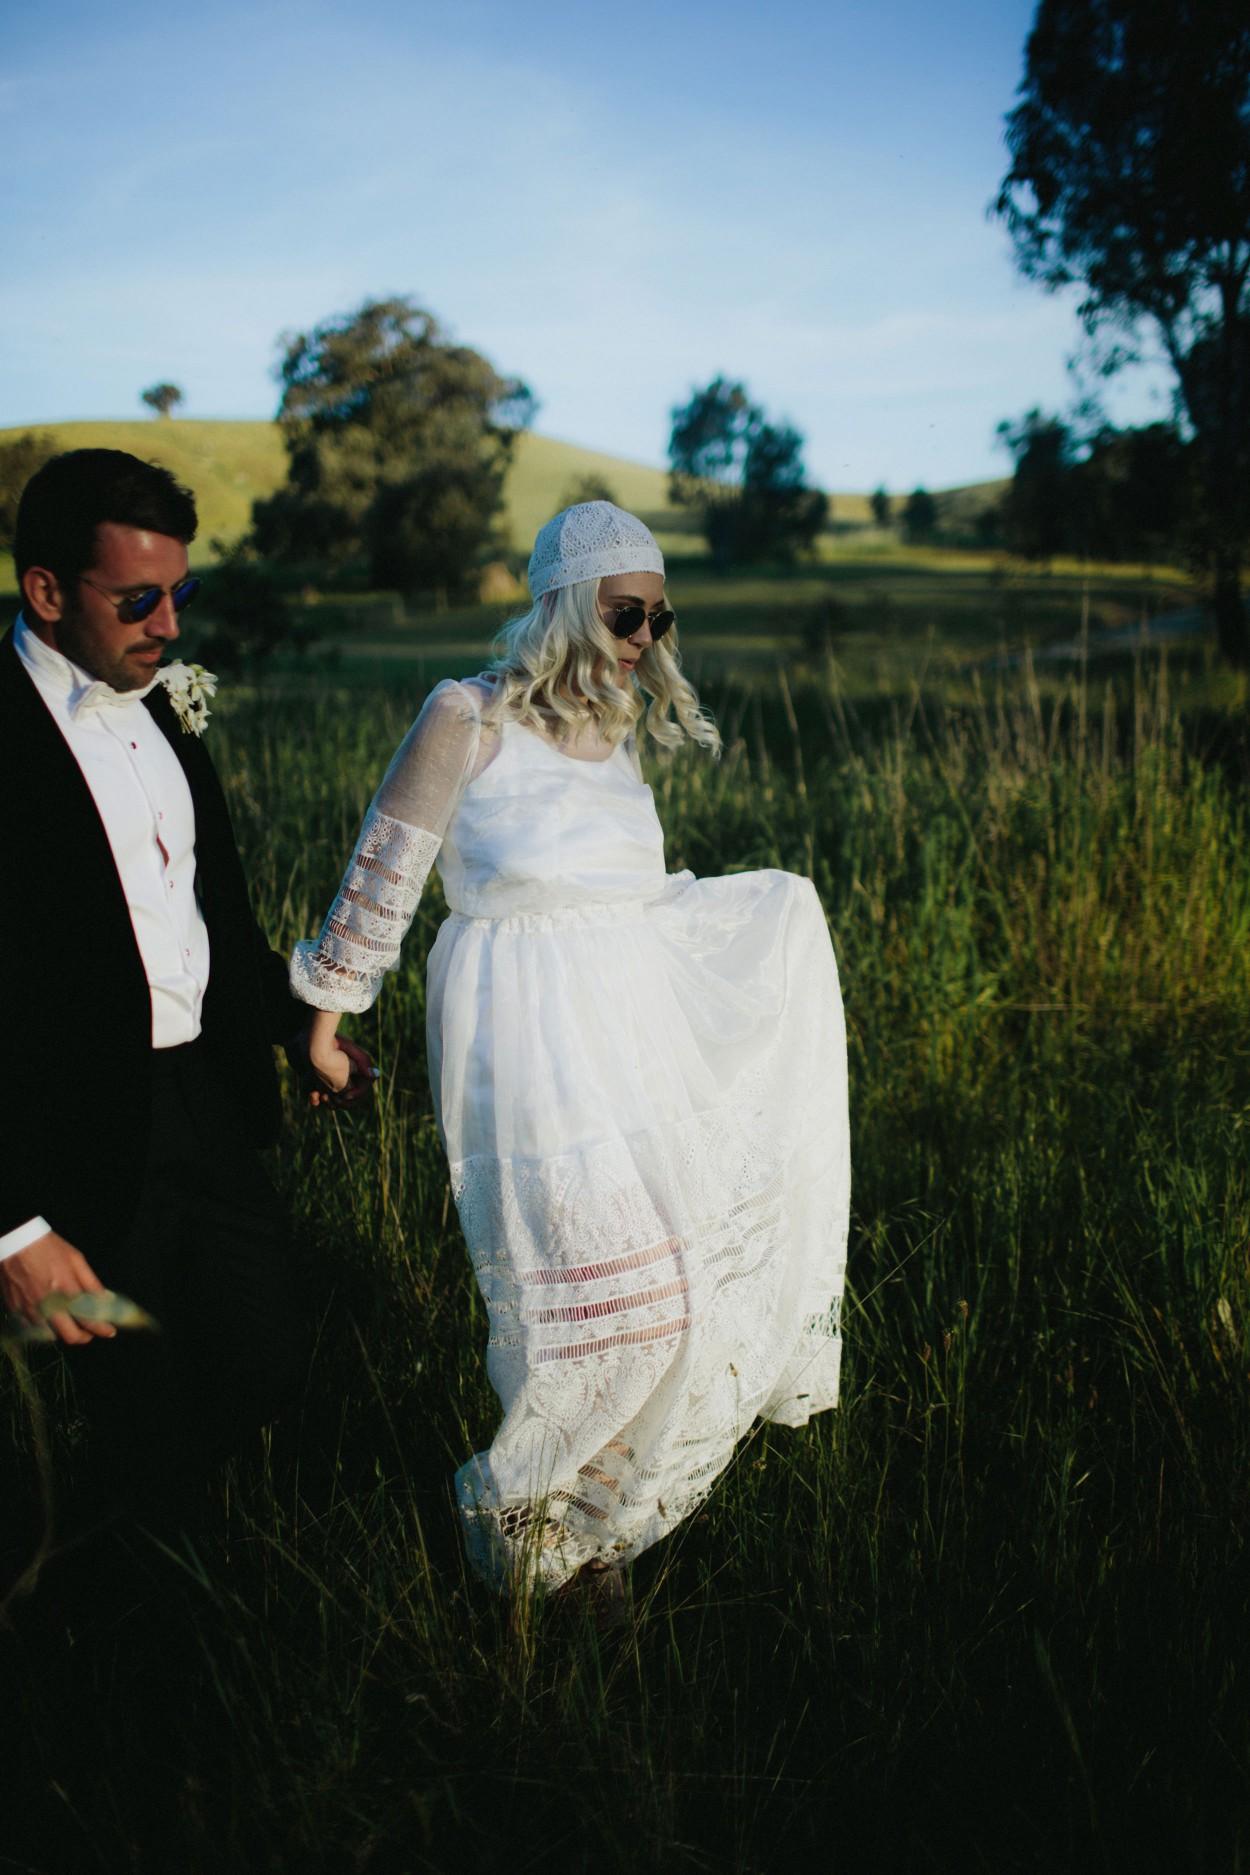 I-Got-You-Babe-Weddings-Farm-Wedding-Emma-Tim225.jpg